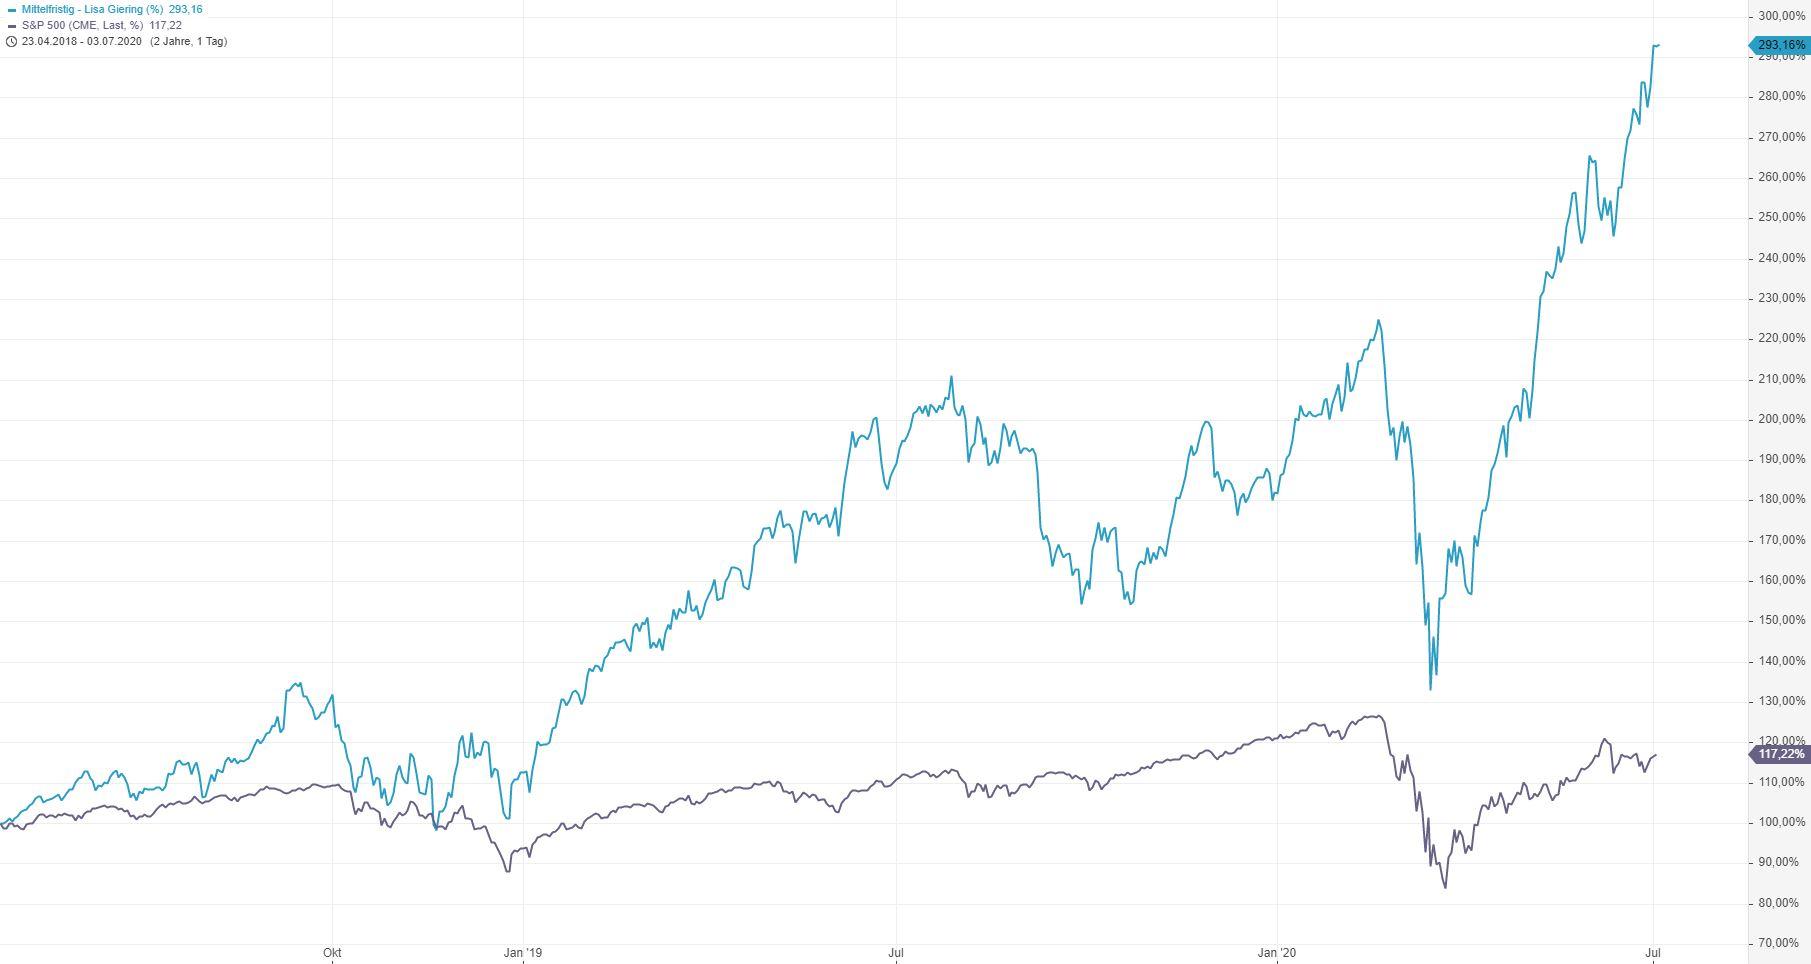 Corona-Crash-Bilanz-meiner-Strategie-des-Vermögensaufbaus-Entspannt-Krisen-meistern-Kommentar-Lisa-Giering-GodmodeTrader.de-2